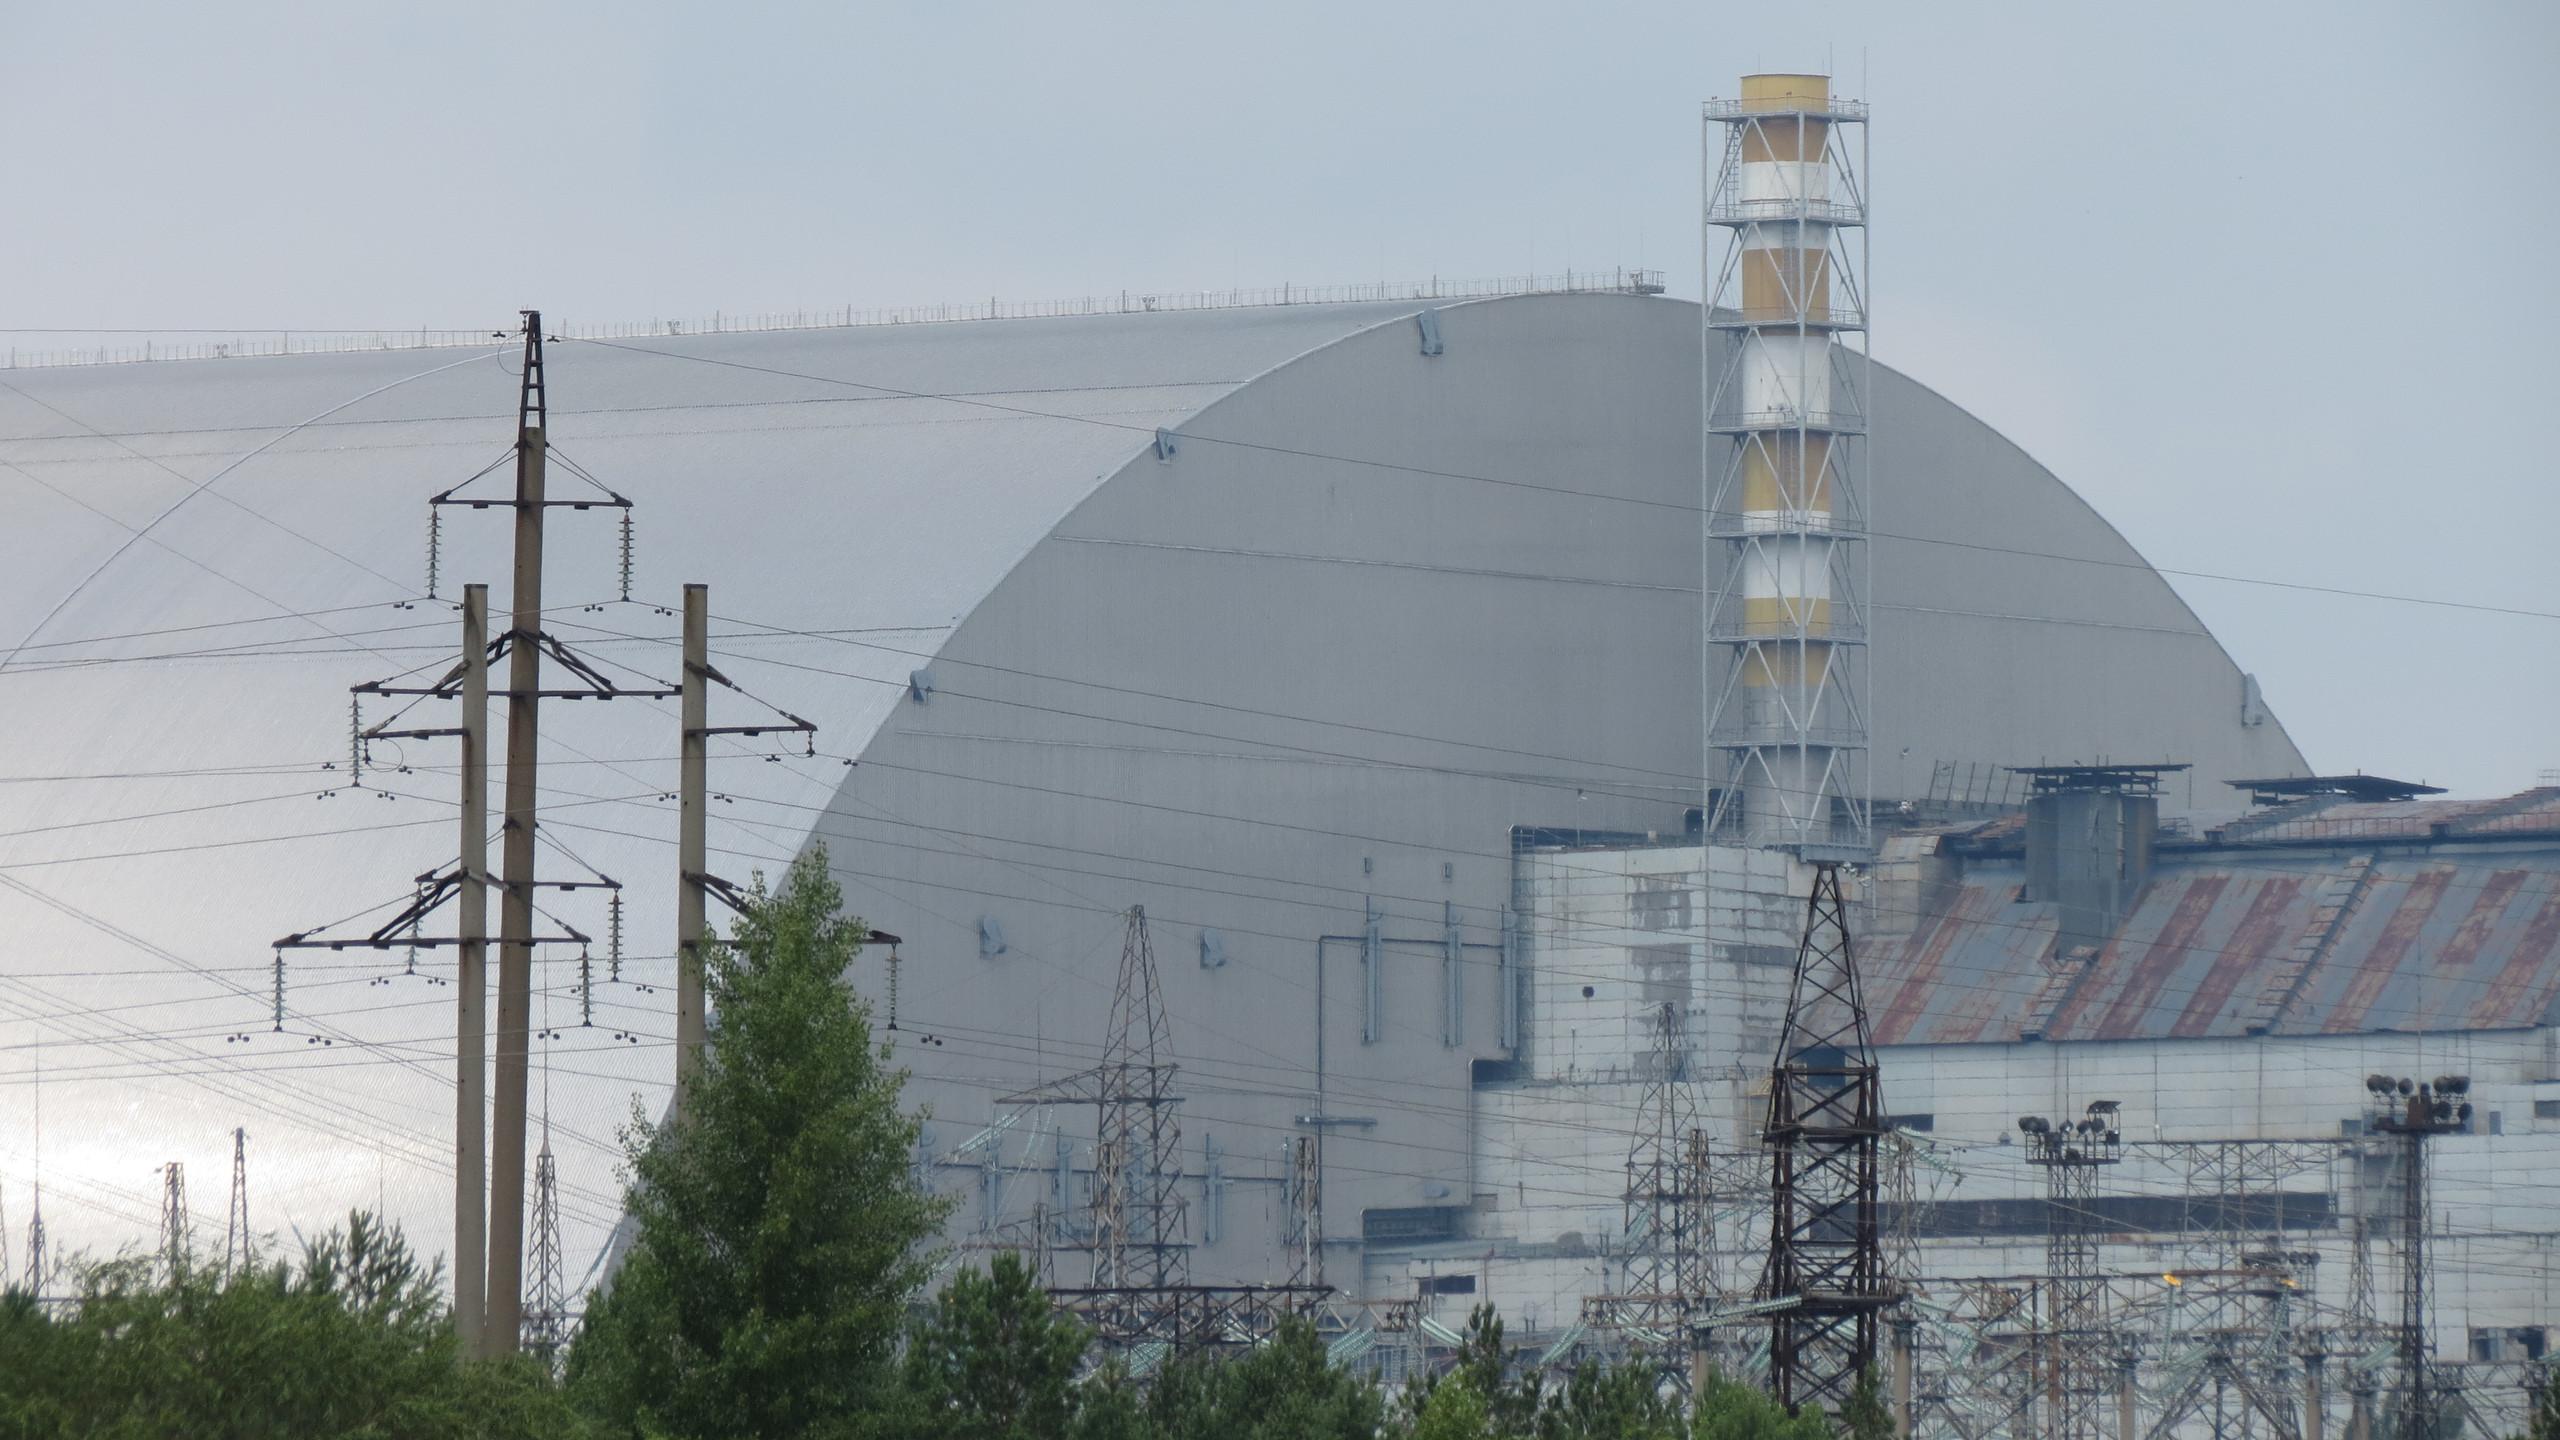 313 - Chernobyl